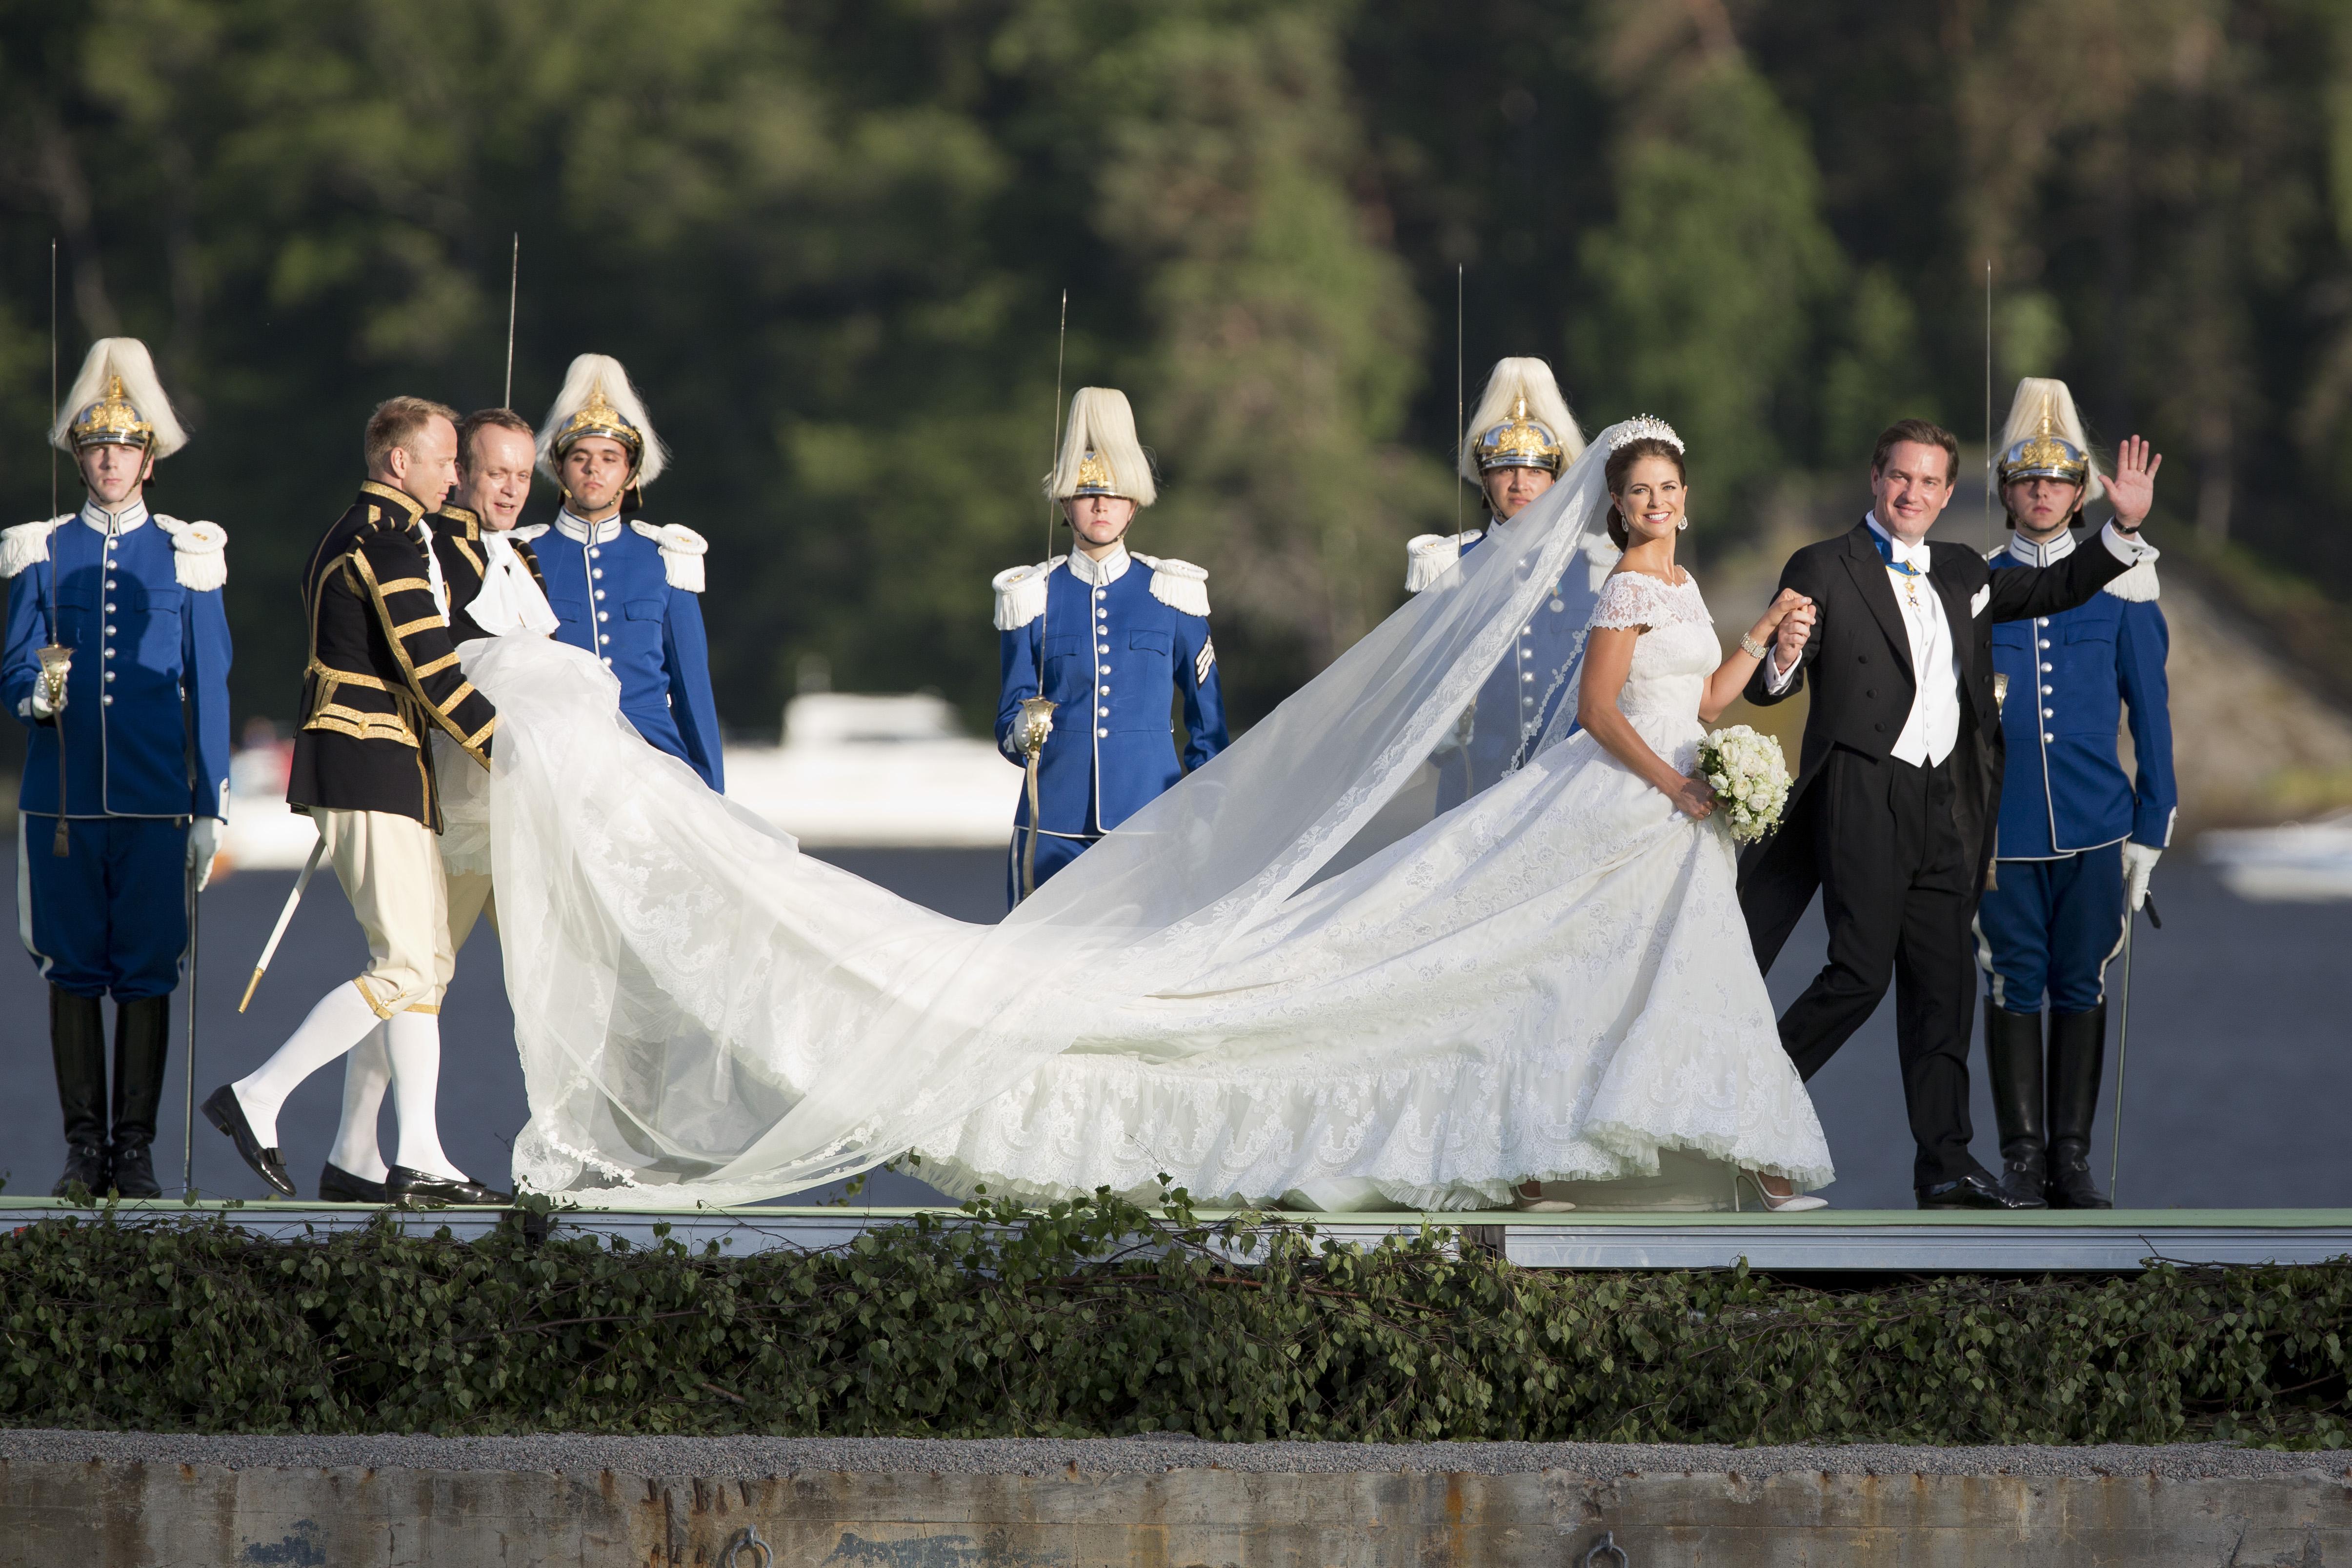 Шведская принцесса Мадлен вышла замуж за банкира из Нью-Йорка Кристофера О'Нила в платье  Valentino Haute Couture